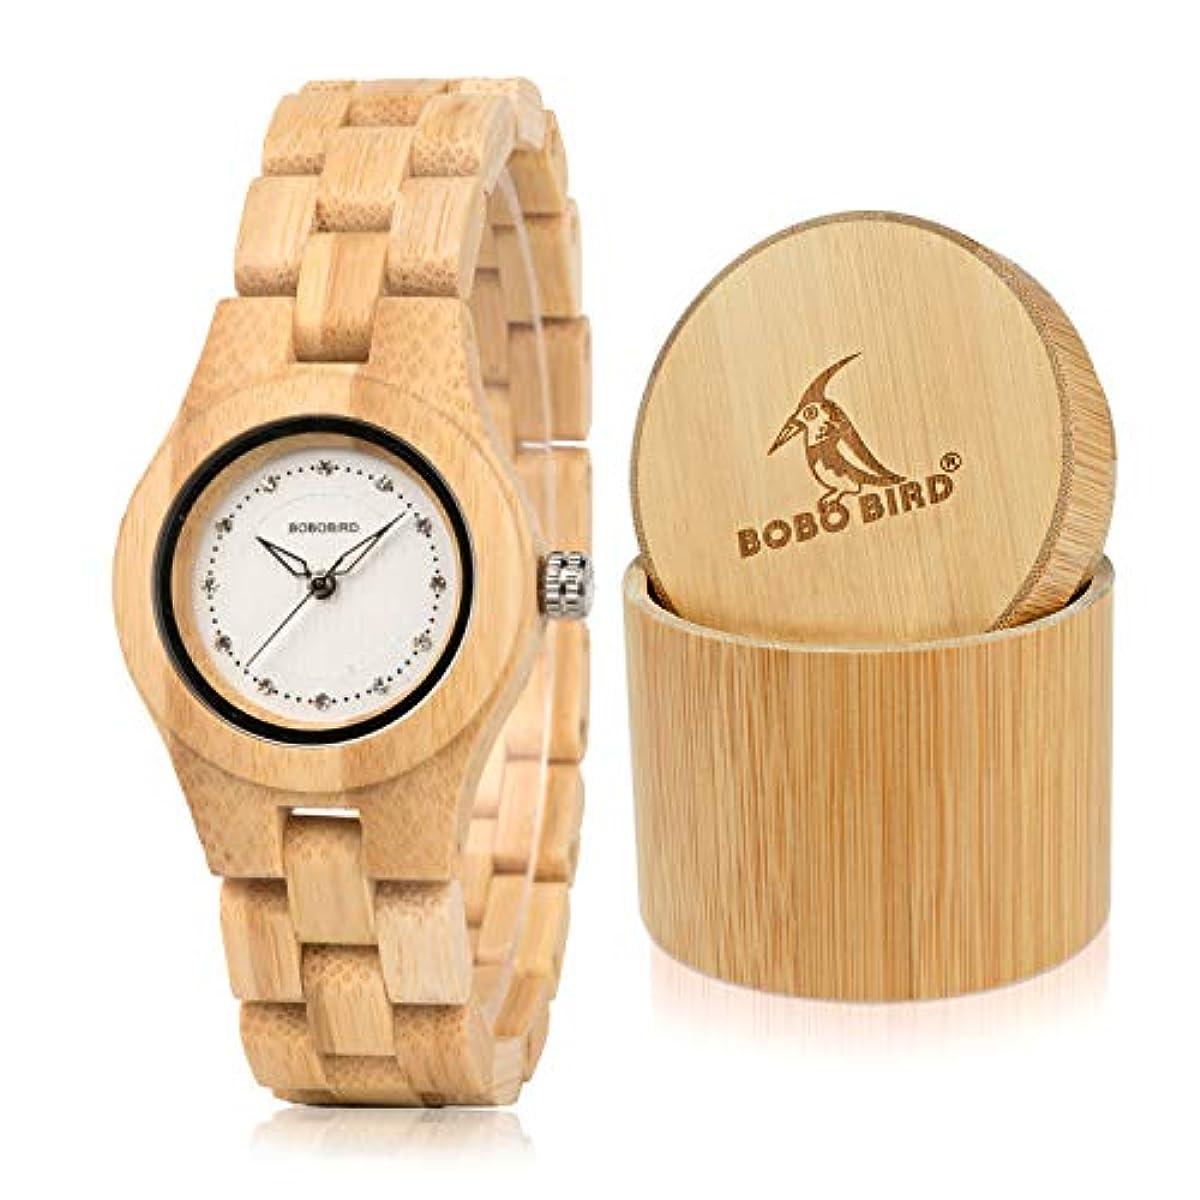 [해외] BOBO BIRD여성인 소녀 목제의 손목시계 다이아몬드 다이얼 쿼츠 시계 기프트 박스 (베이지)